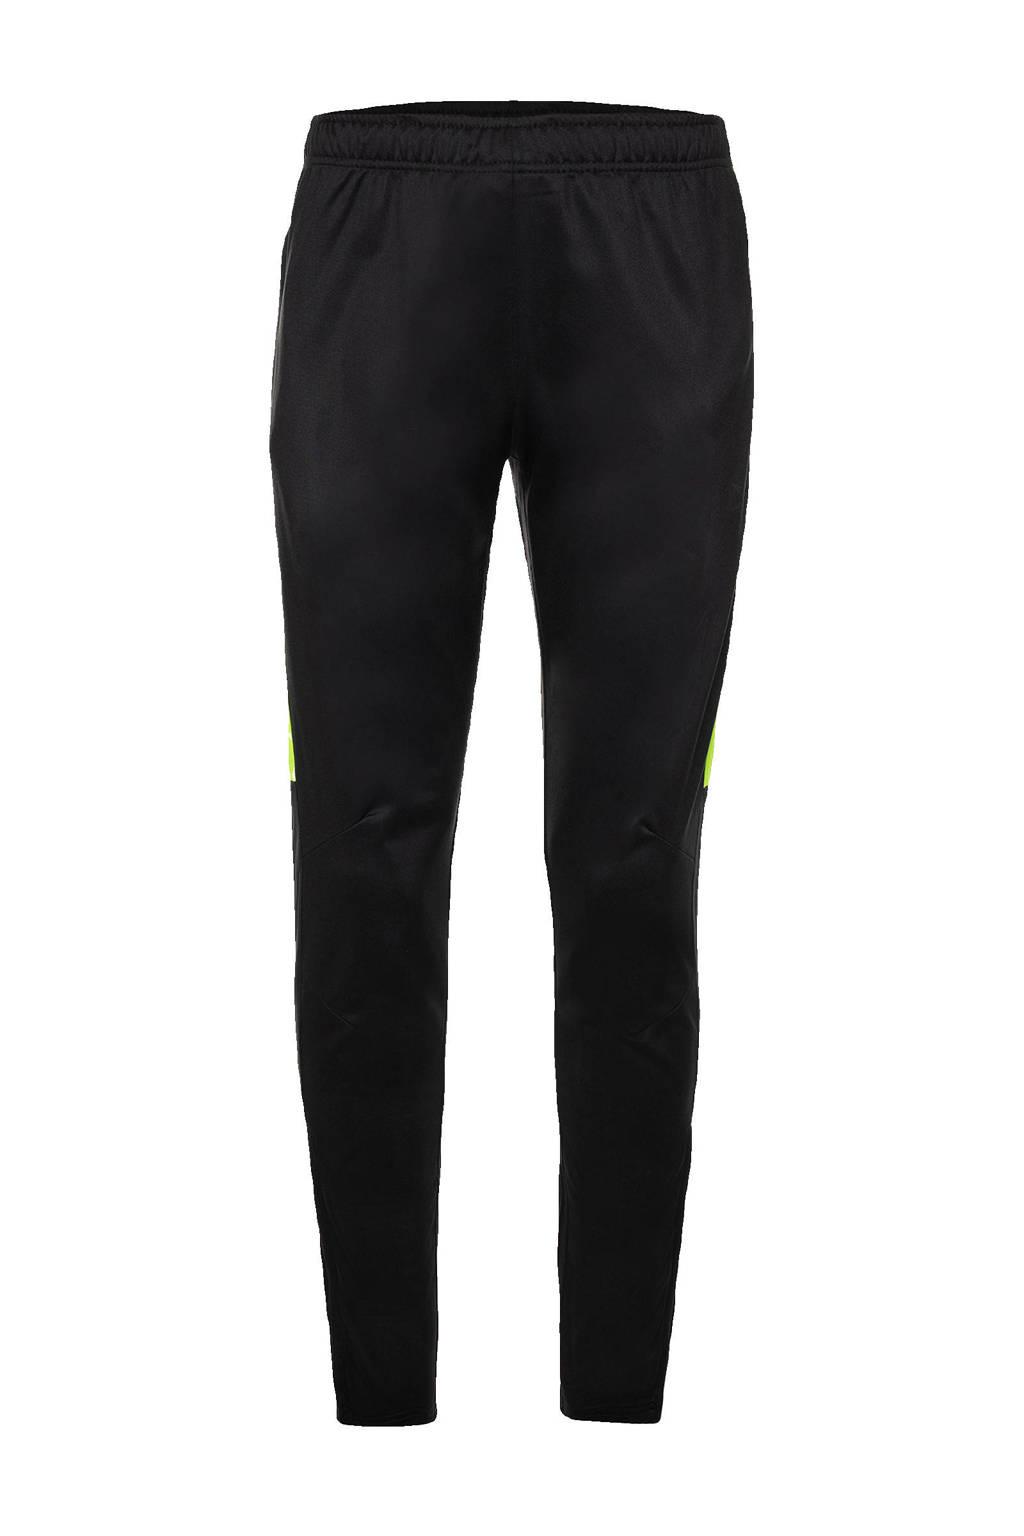 Scapino Dutchy Senior  voetbalbroek zwart/geel, Zwart/geel